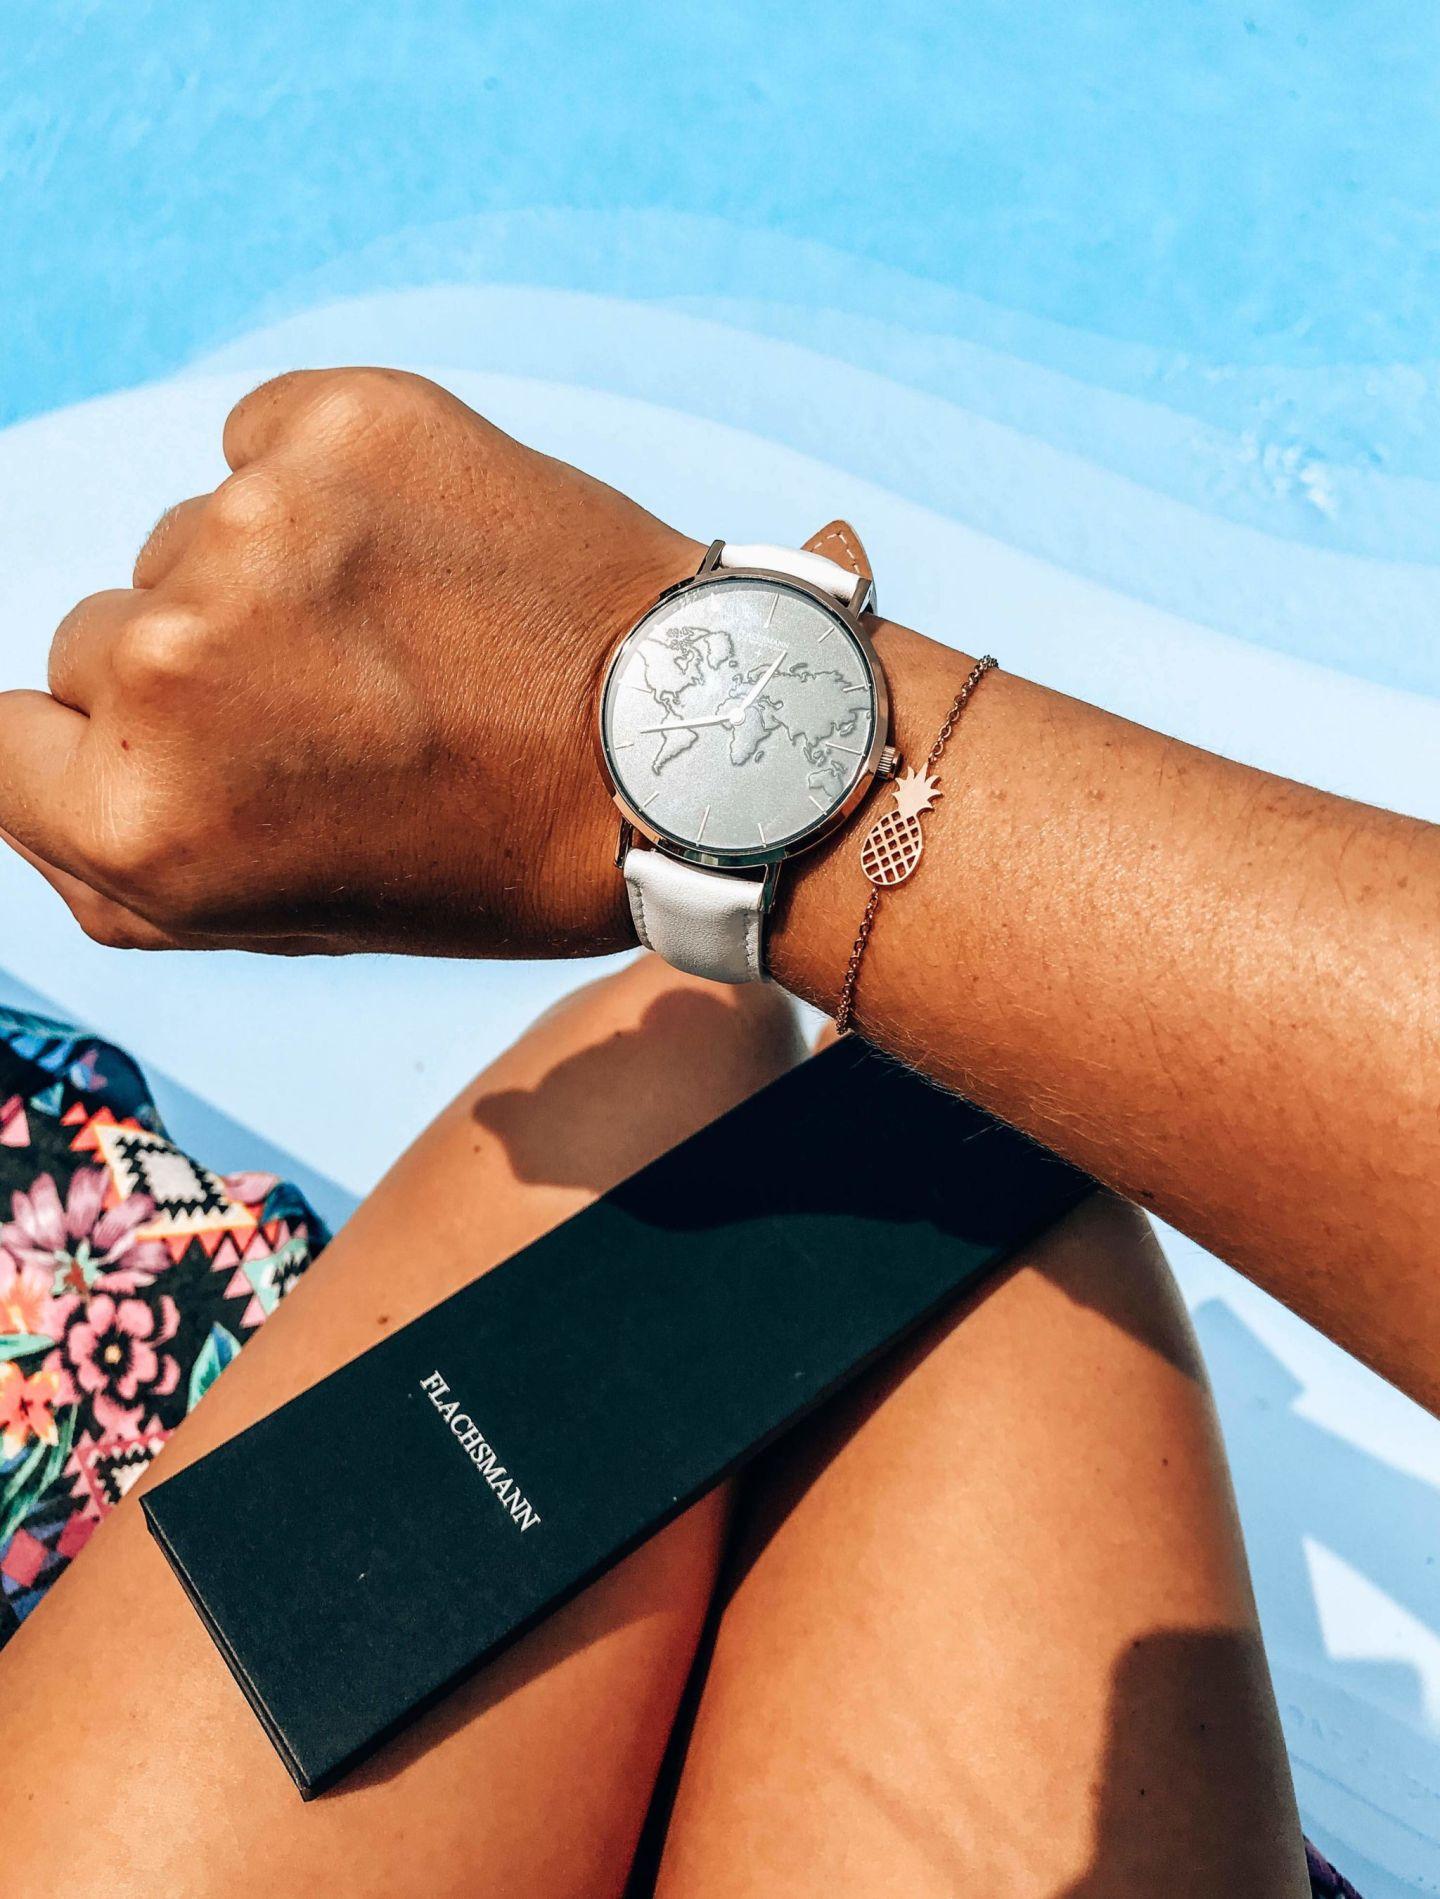 Watch Flachsmann Watches Sandinourhands travel blog